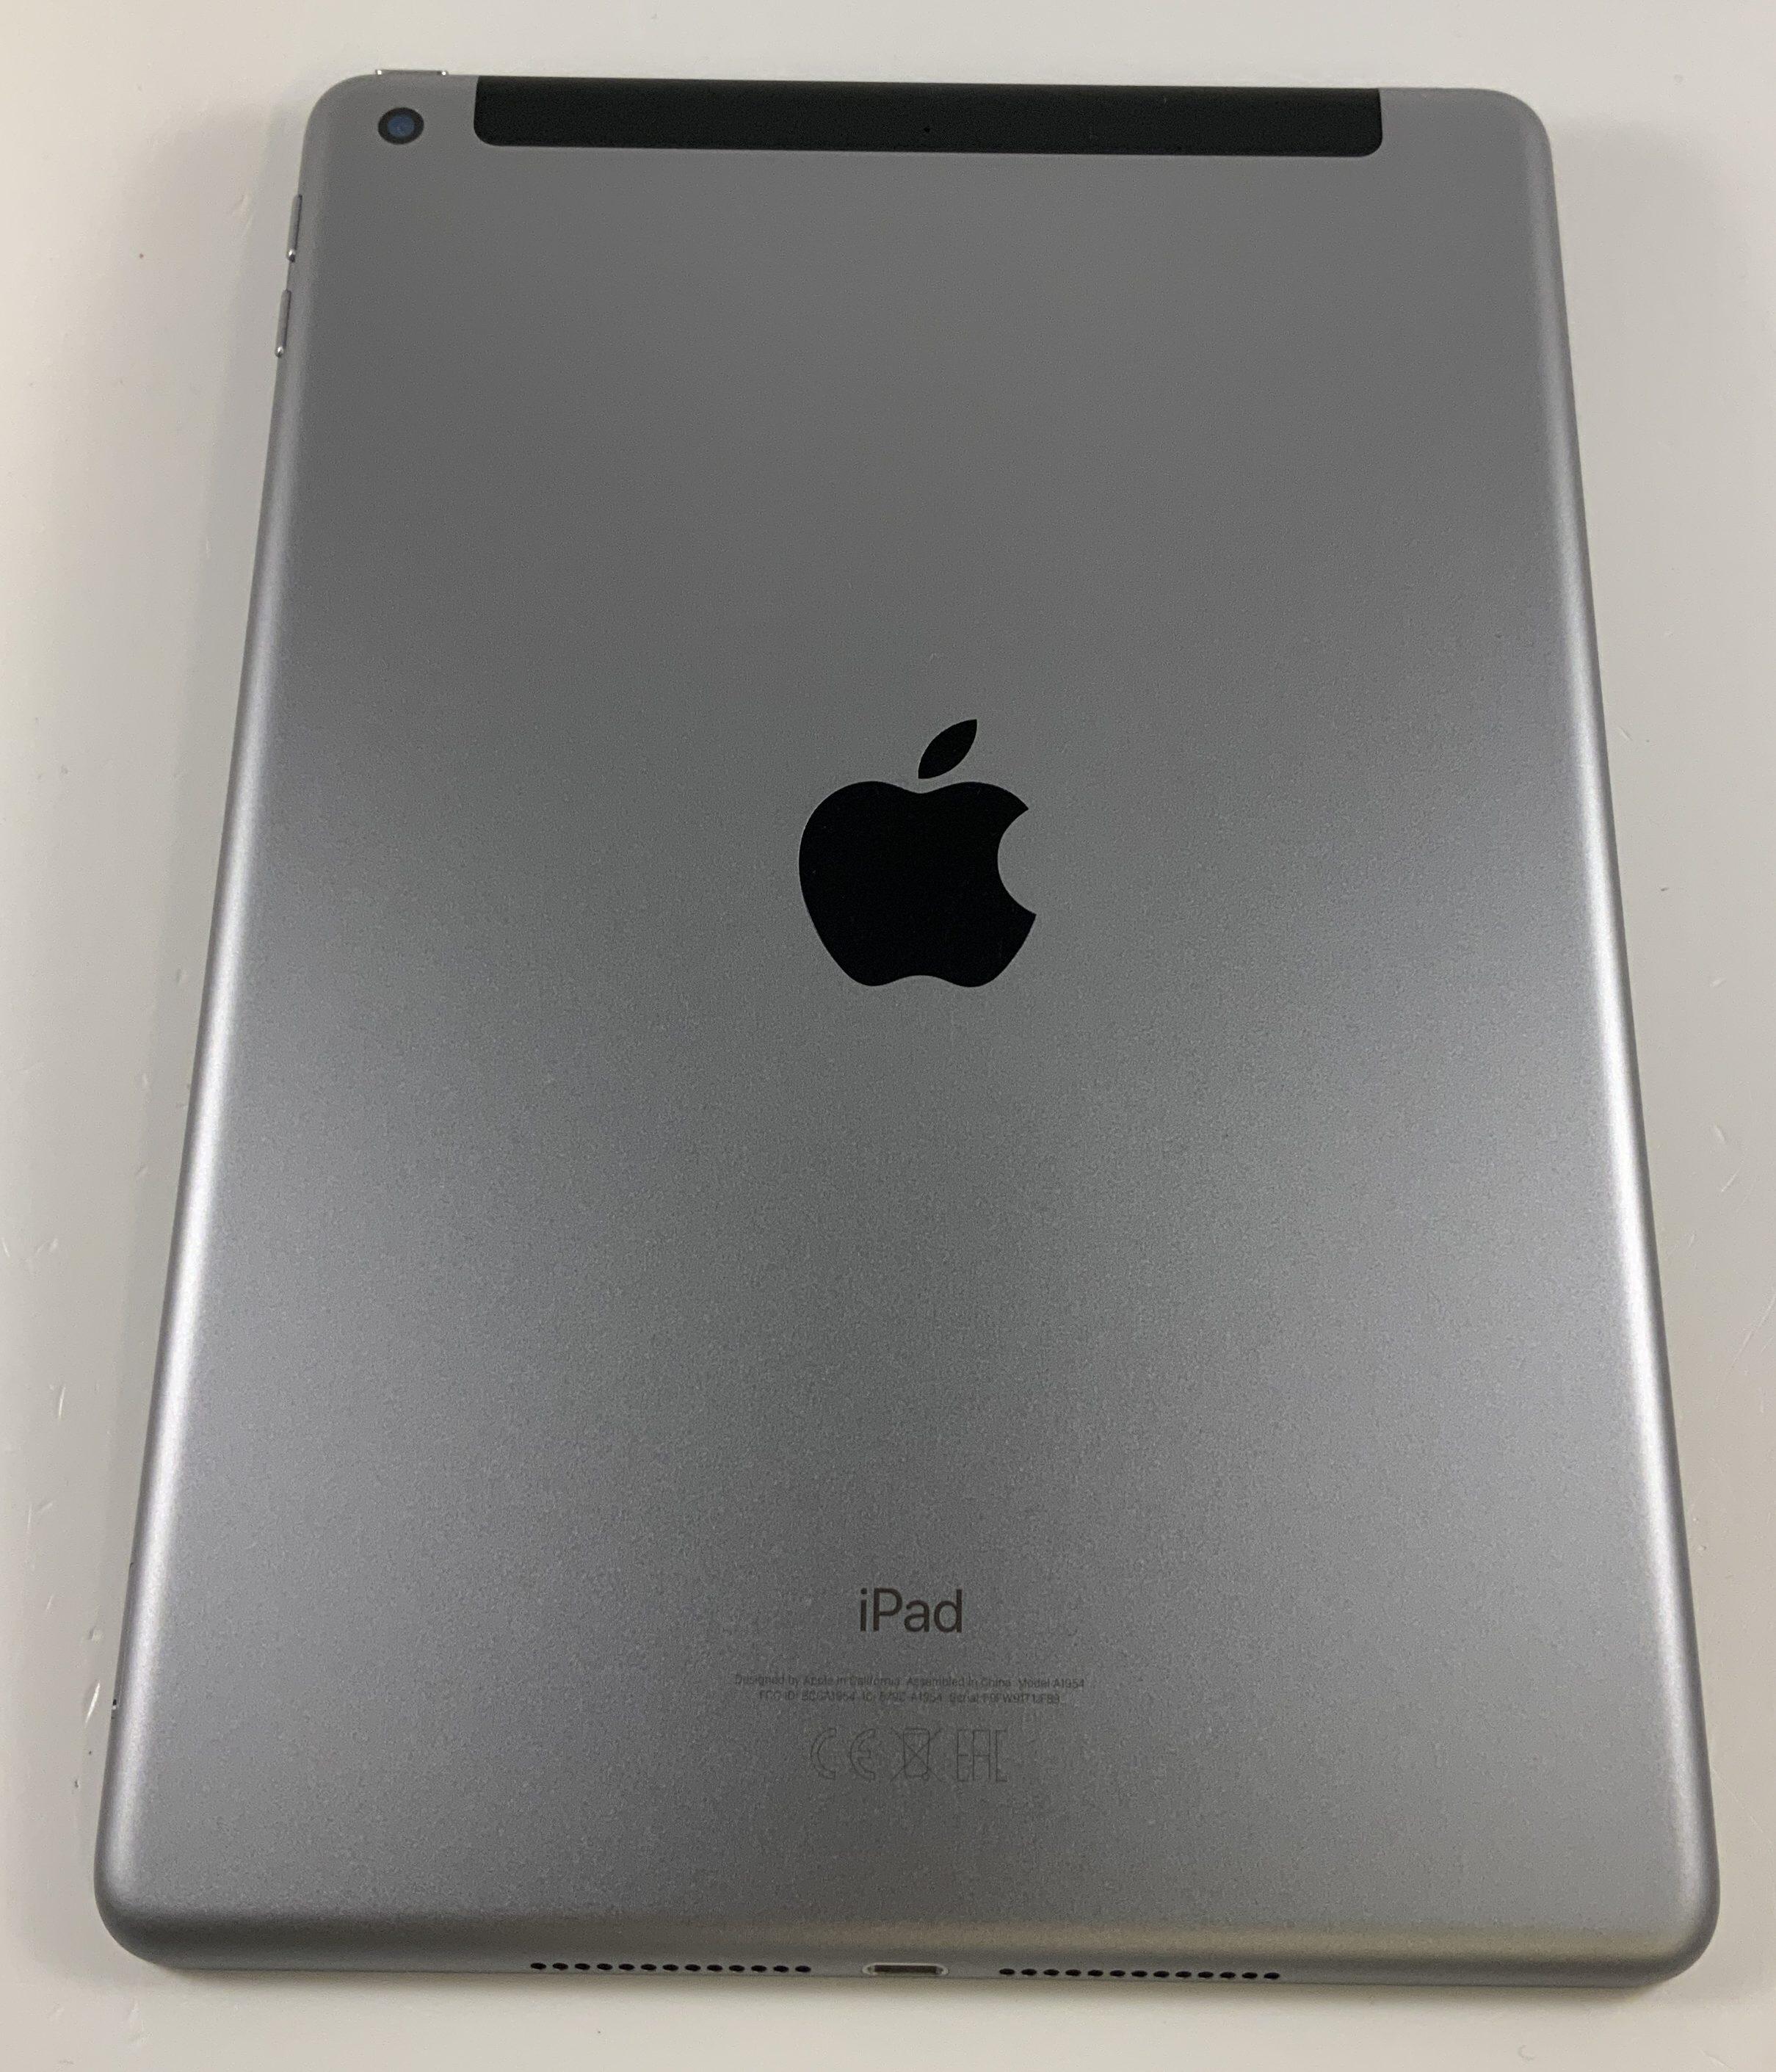 iPad 6 Wi-Fi + Cellular 128GB, 128GB, Space Gray, image 2